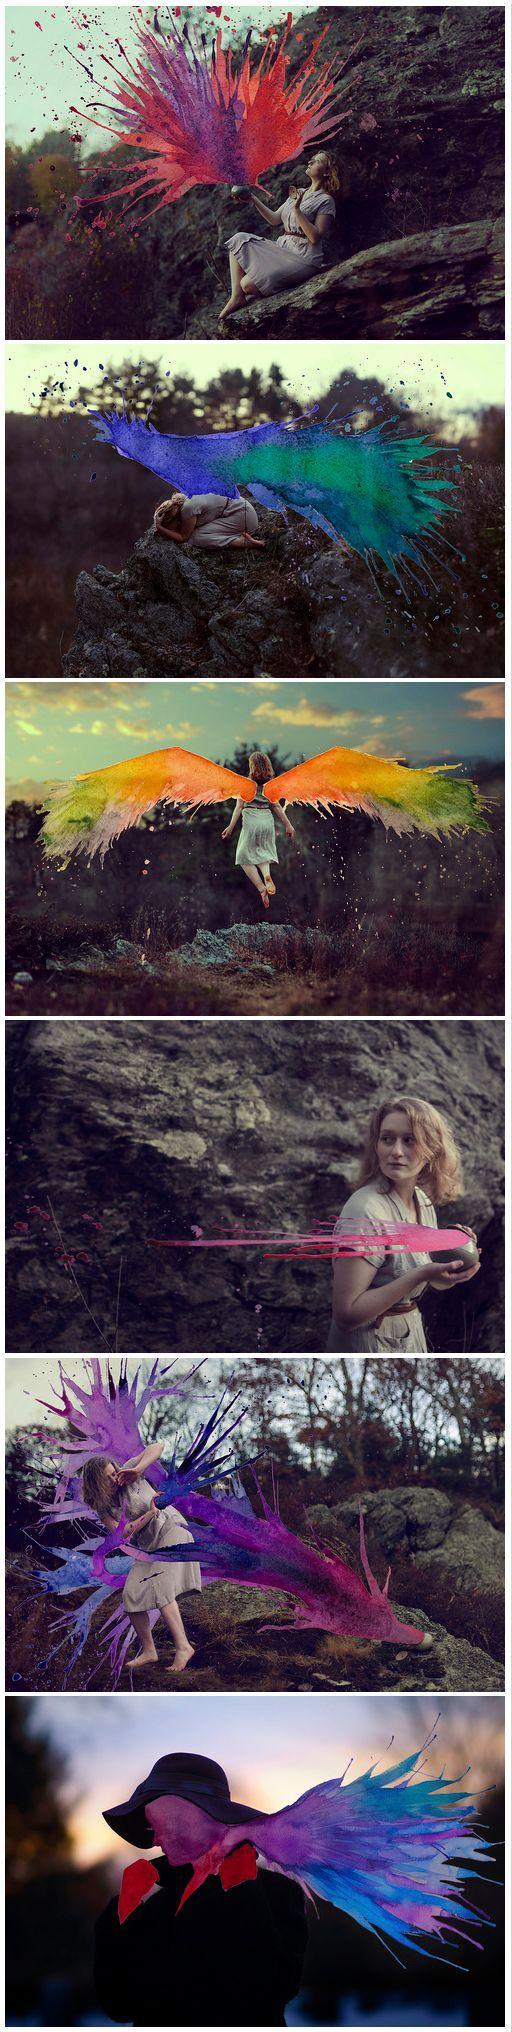 Mixed Media Photography by Aliza Razell                                               I got Dragon Wings